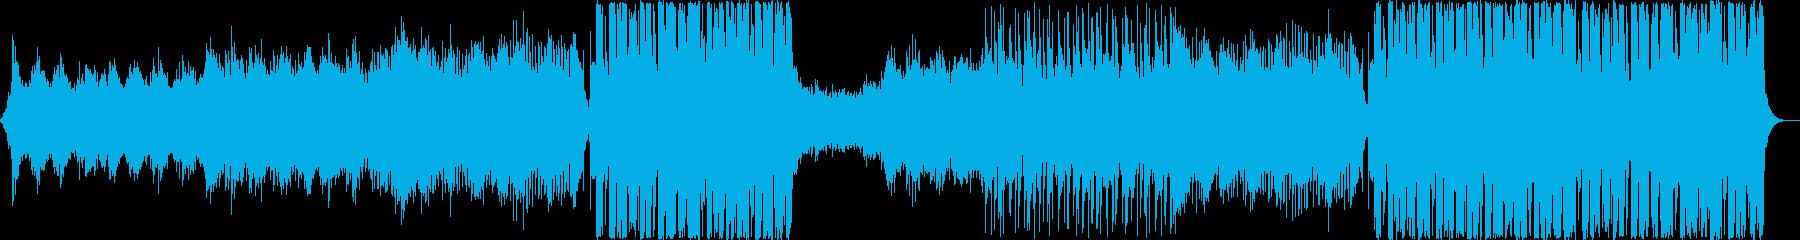 オシャレでエモい海外風フューチャーベースの再生済みの波形